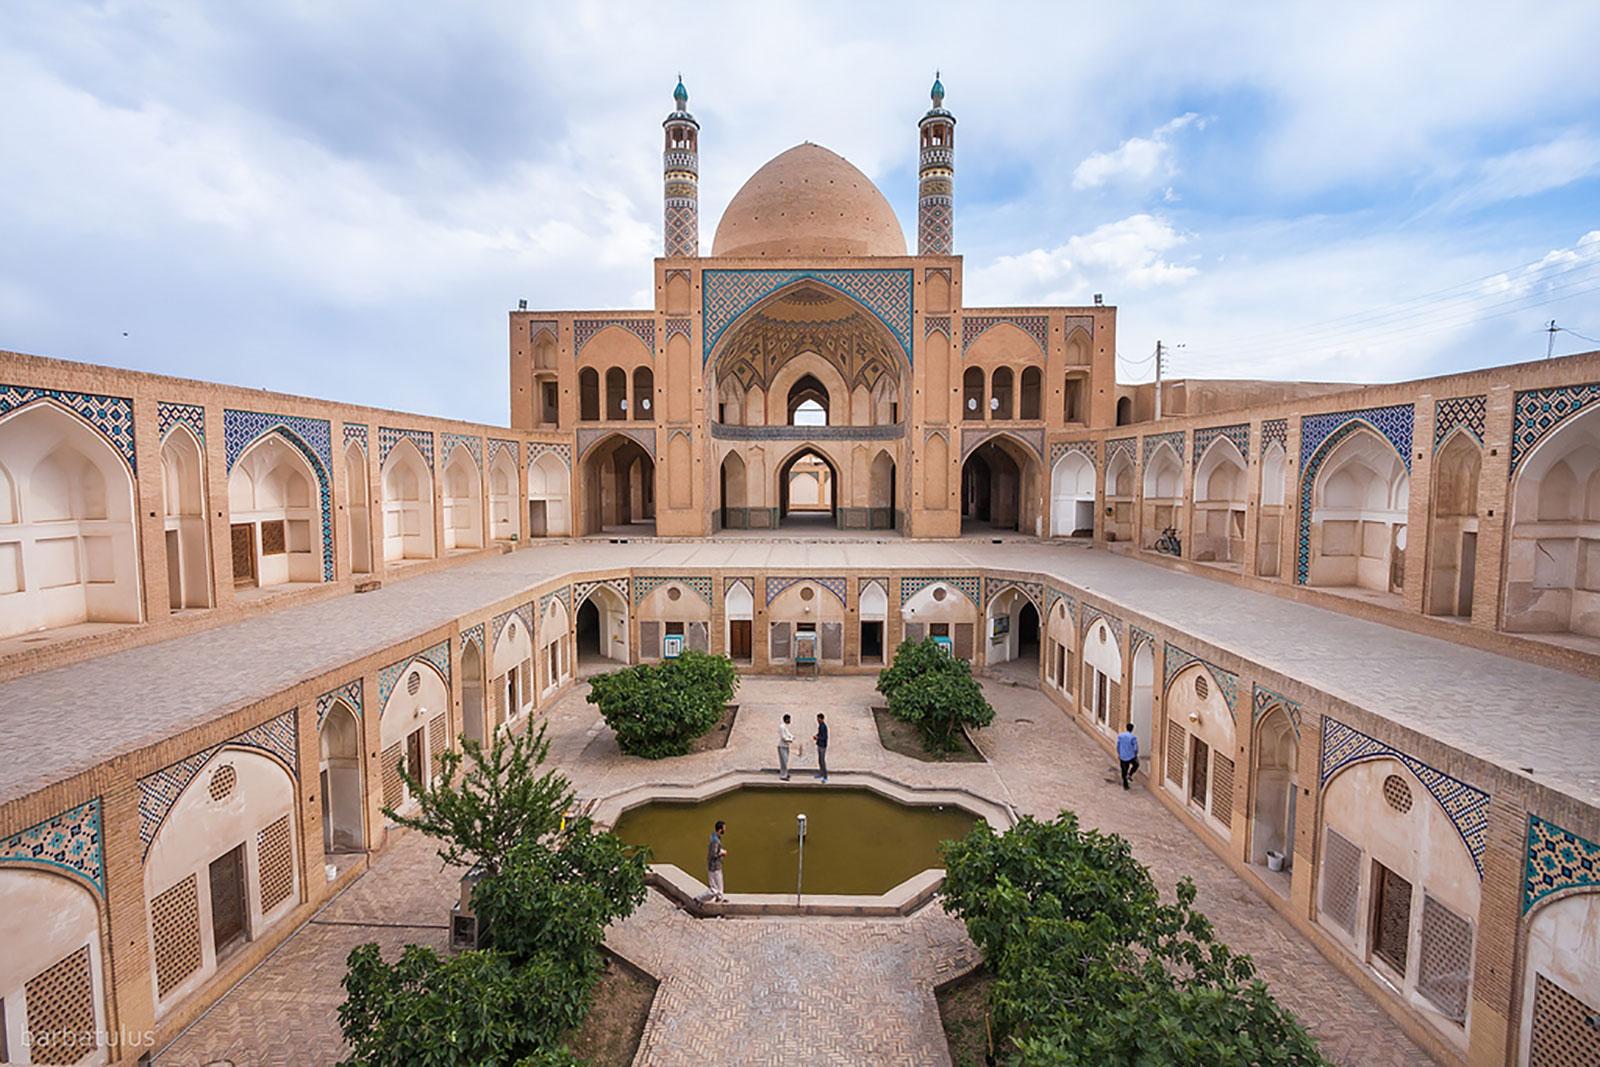 زیباترین مساجد کاشان و شیراز کدامند؟